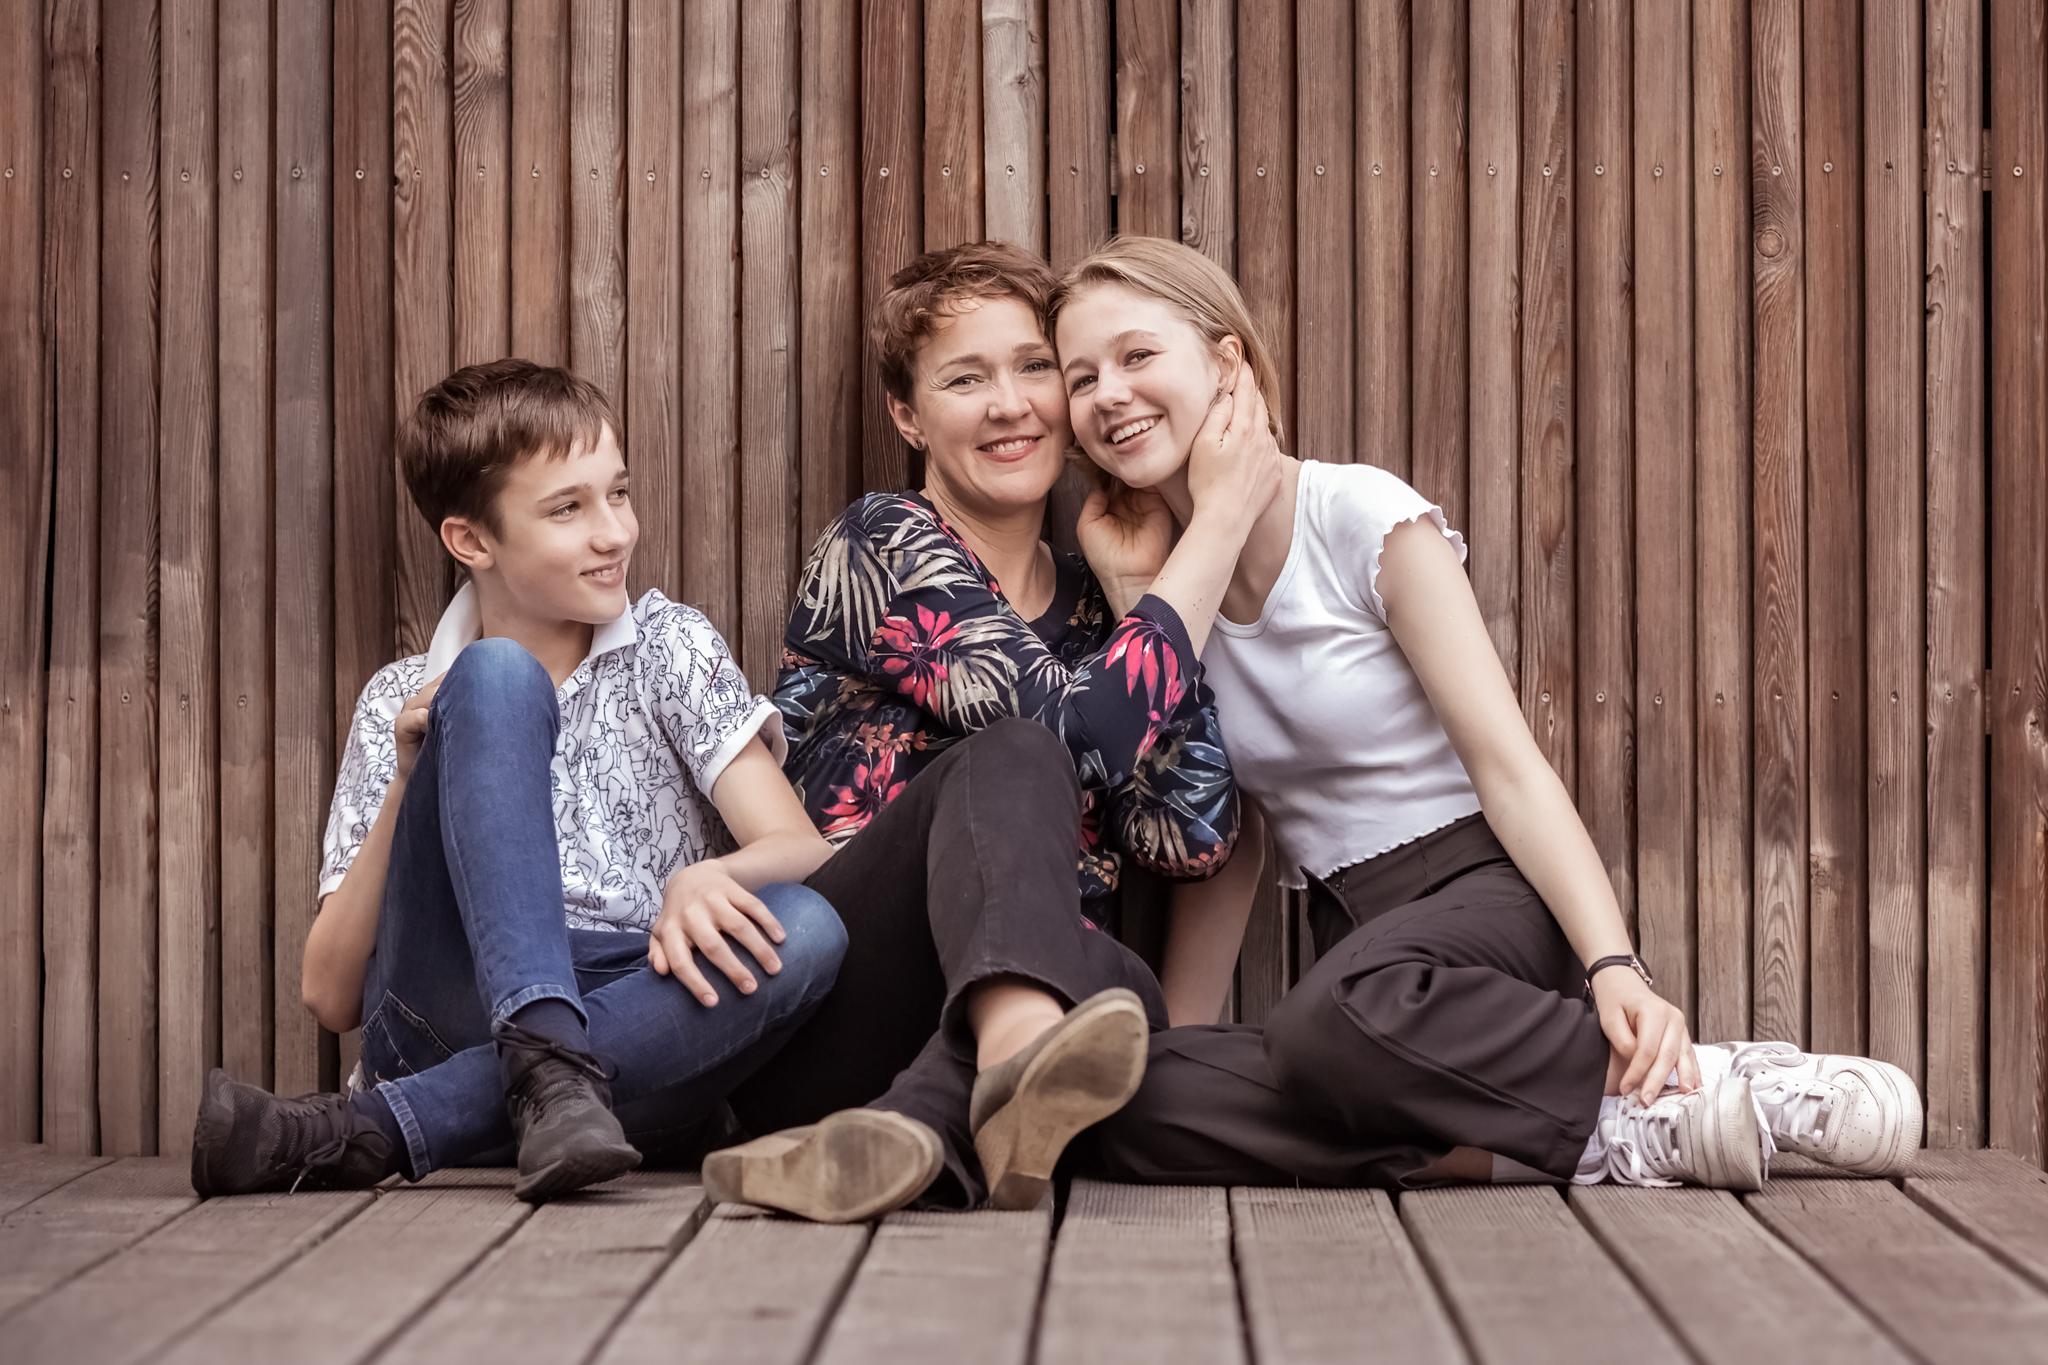 FAMILY- moments by joanna